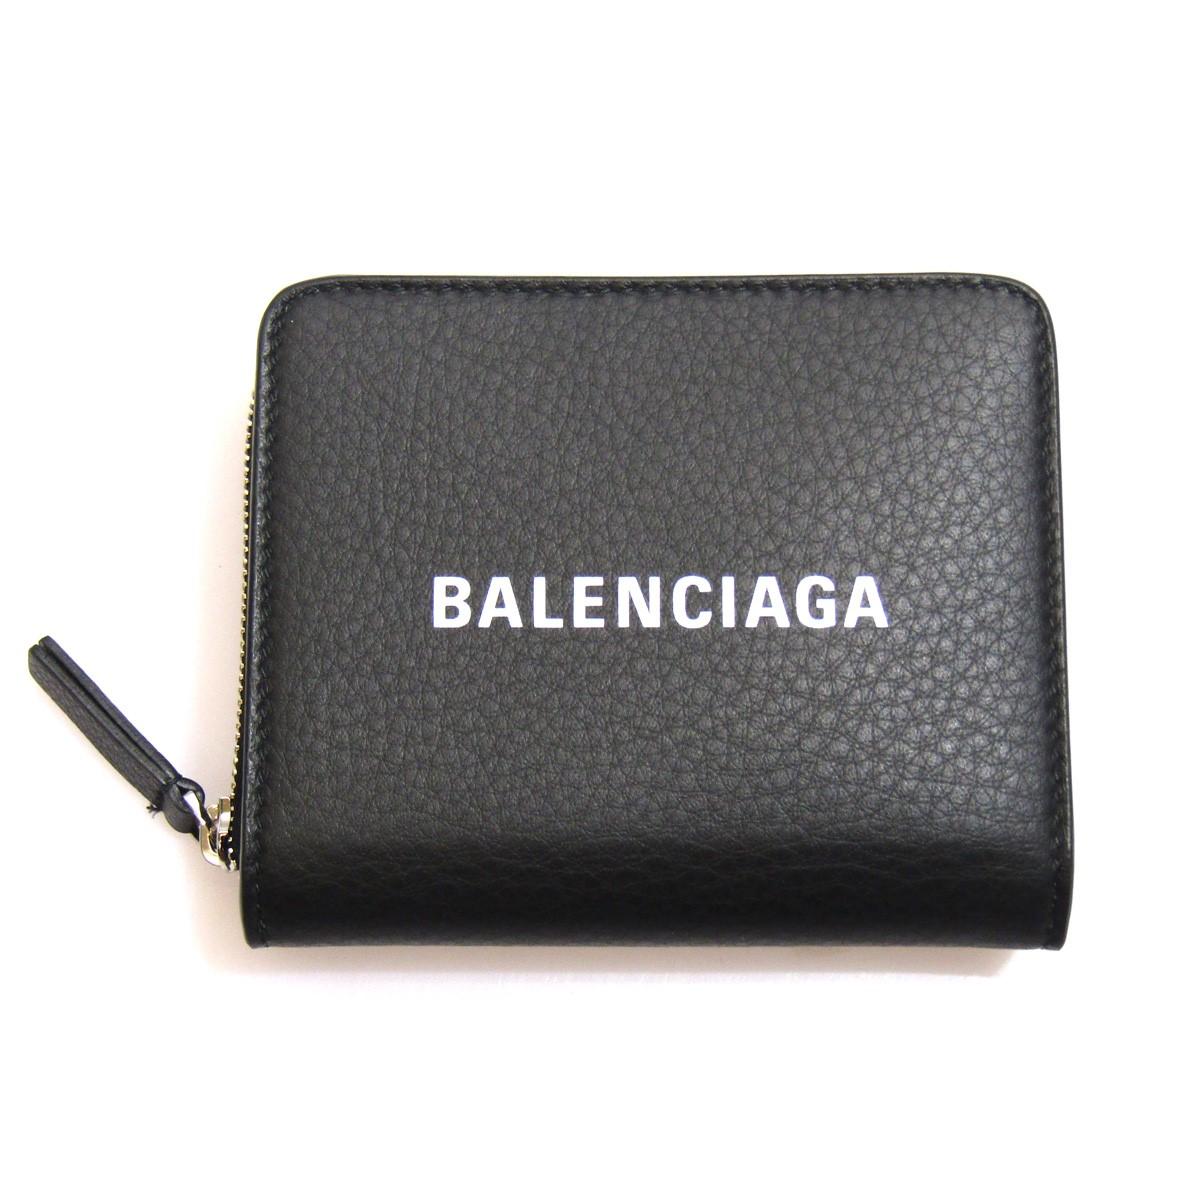 【中古】BALENCIAGA EVERYDAYシリーズ コンパクトウォレット/ラウンドファスナー ブラック サイズ:- 【160420】(バレンシアガ)